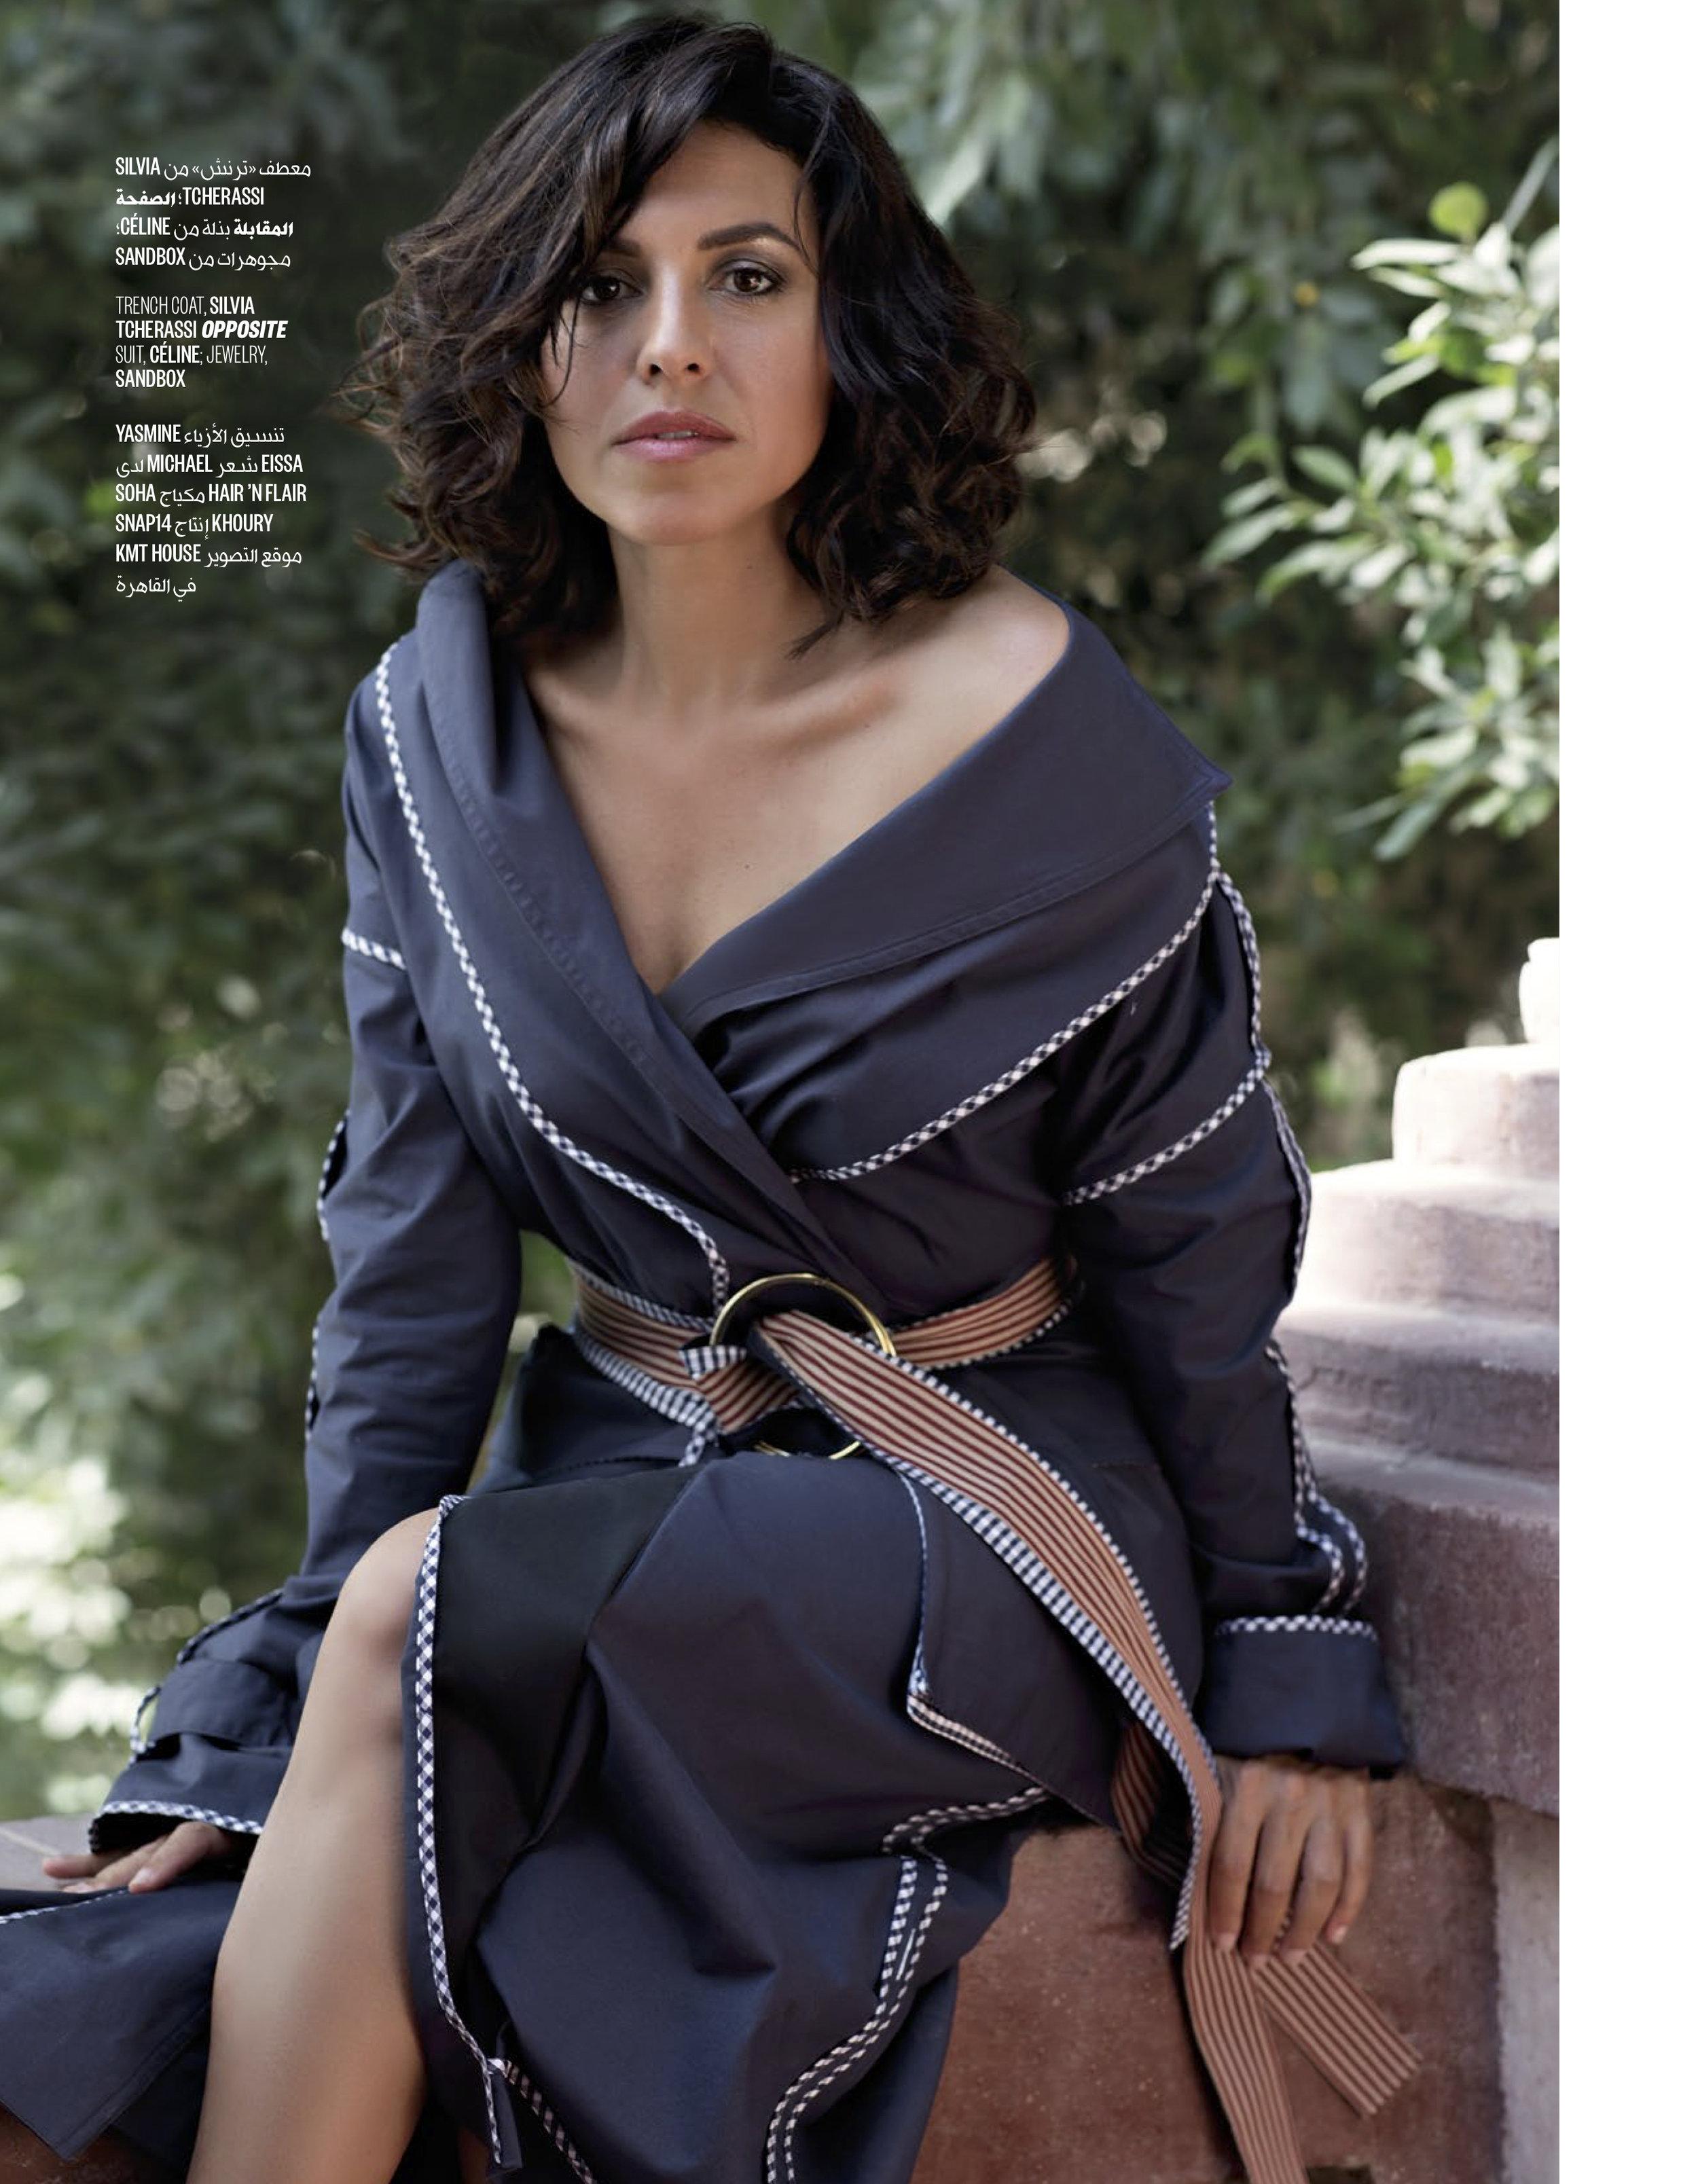 Shahira Fahmy x Vogue Arabia